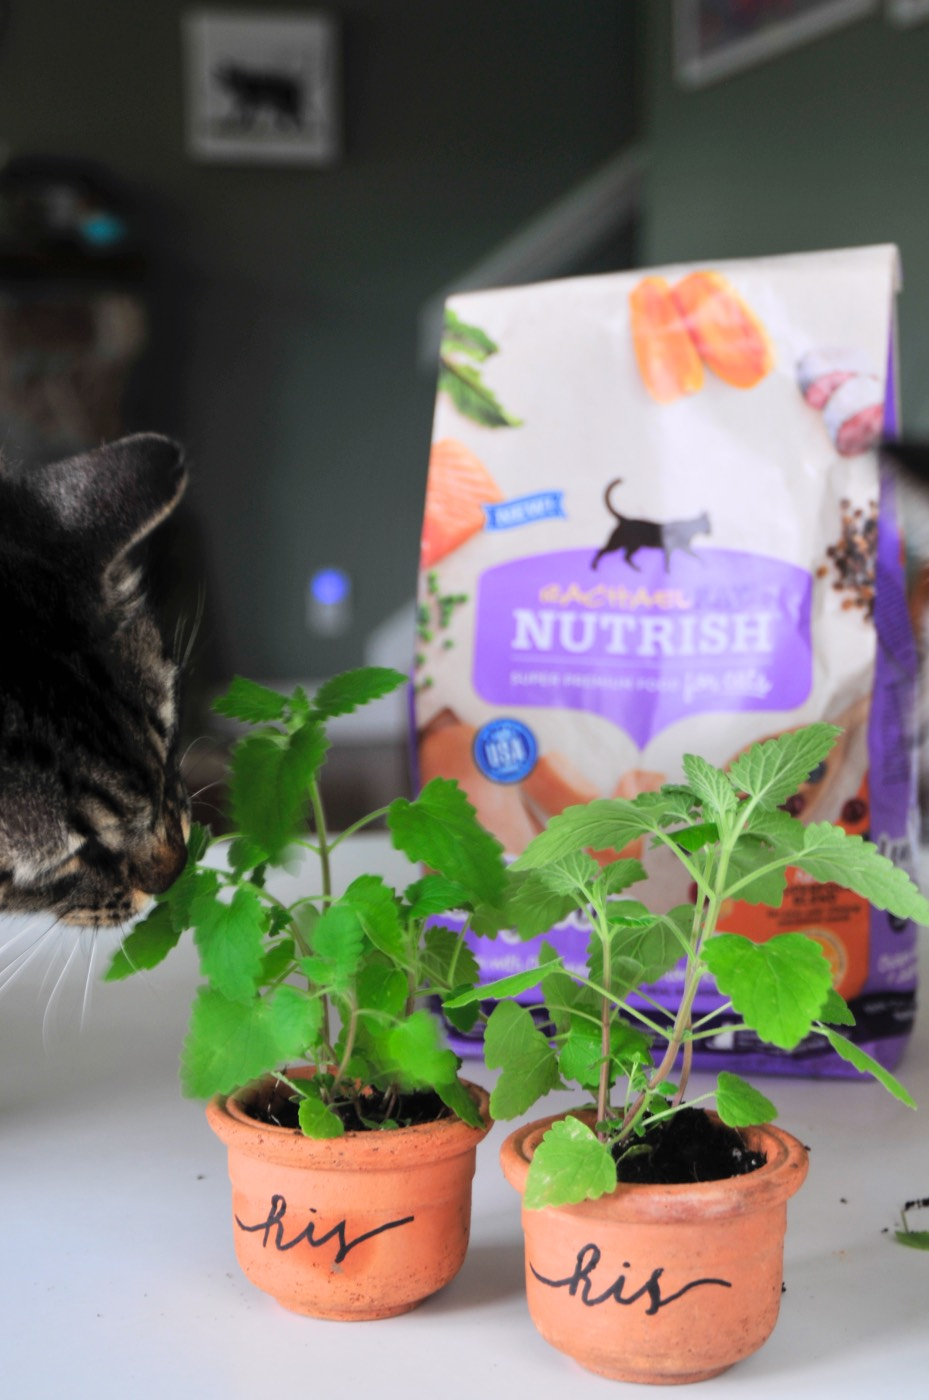 hero-hand-lettered-catnip-planters-rachael-ray-nutrish